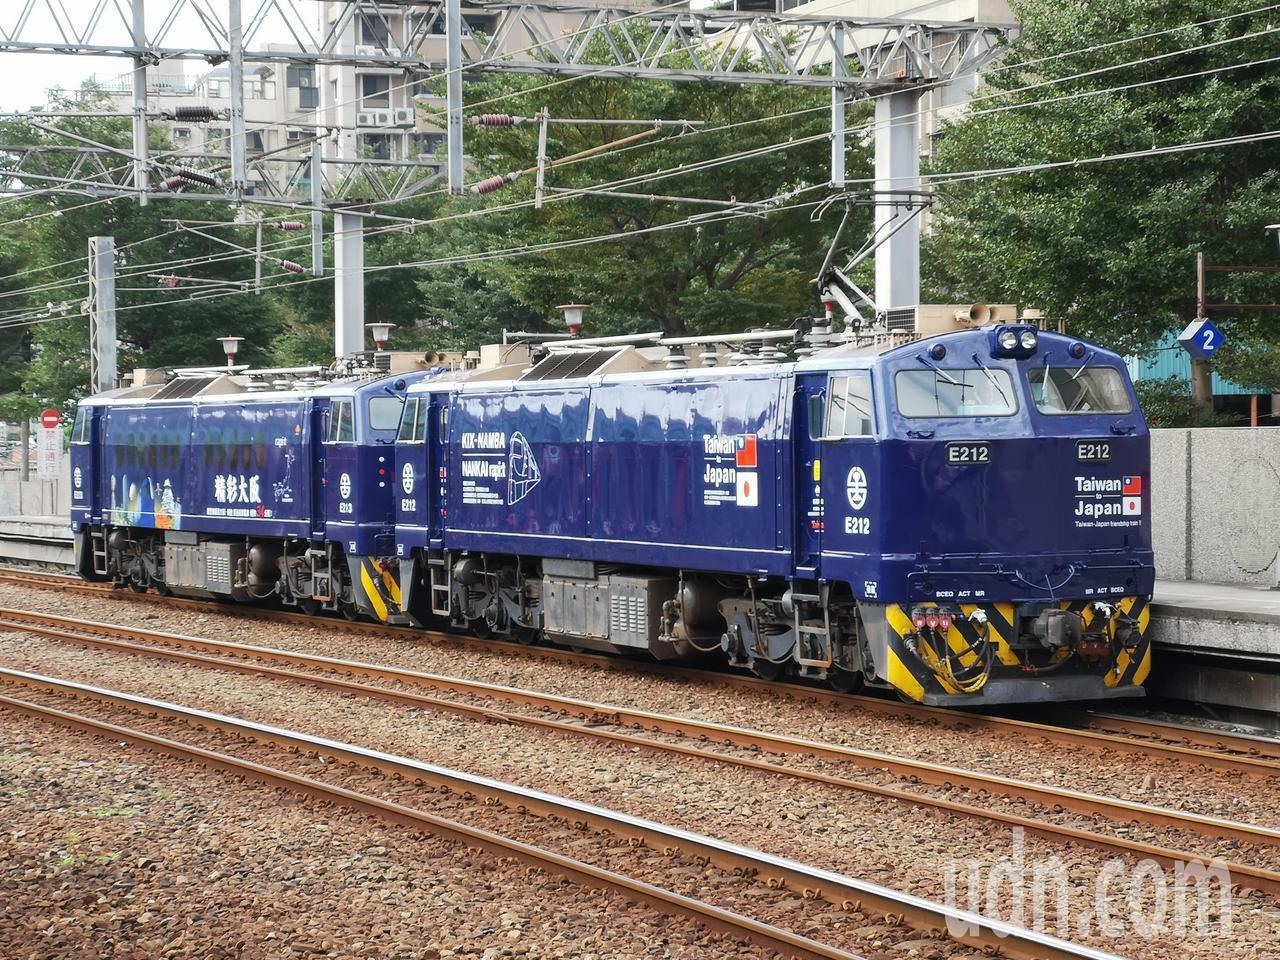 日本南海電鐵彩繪列車首航,上午在樹林火車站舉行首航典禮。記者邱德祥/攝影